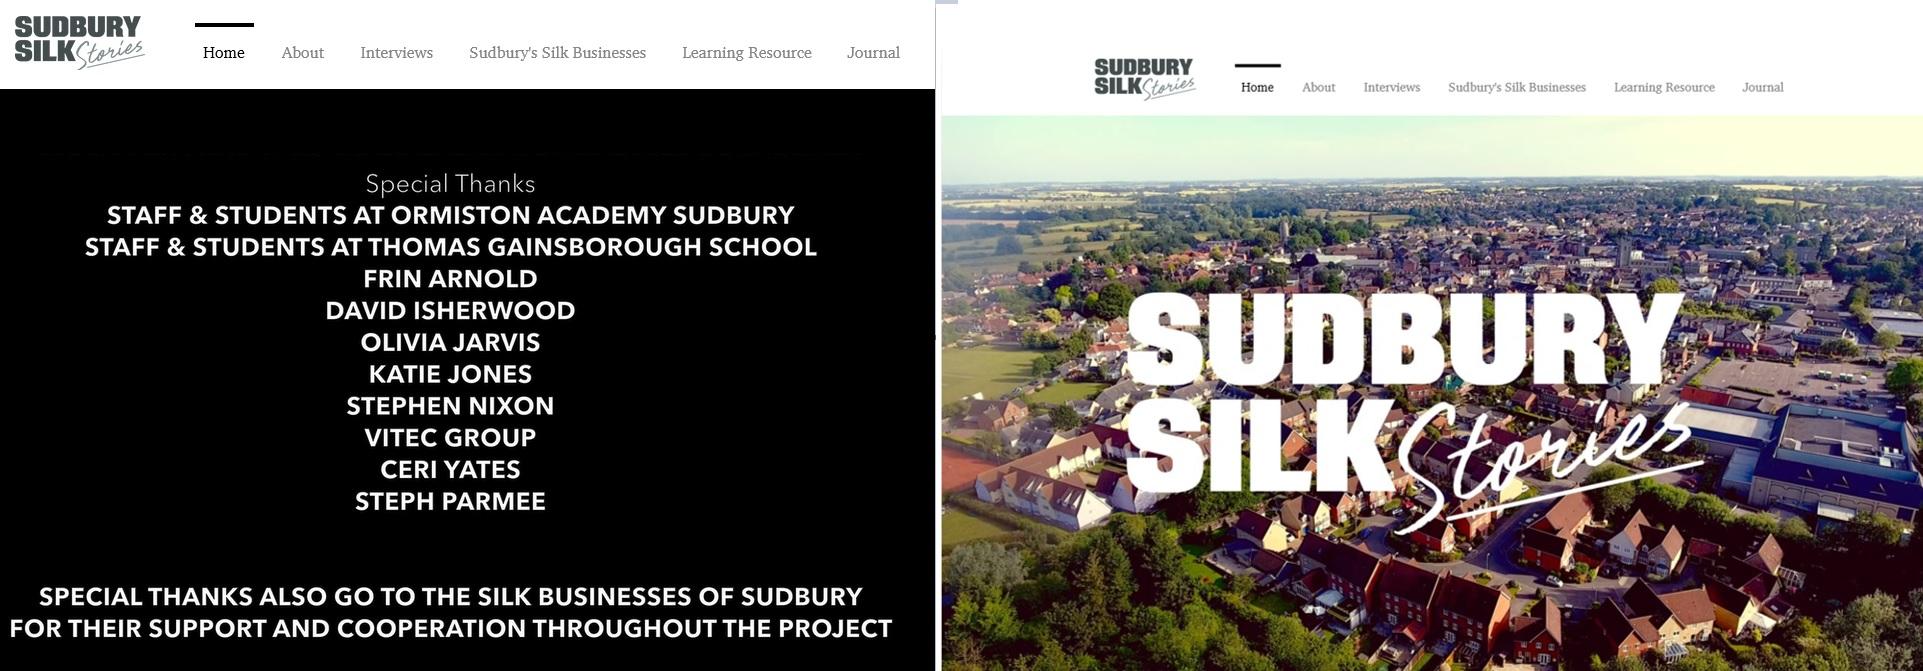 Sudbury Silk Stories